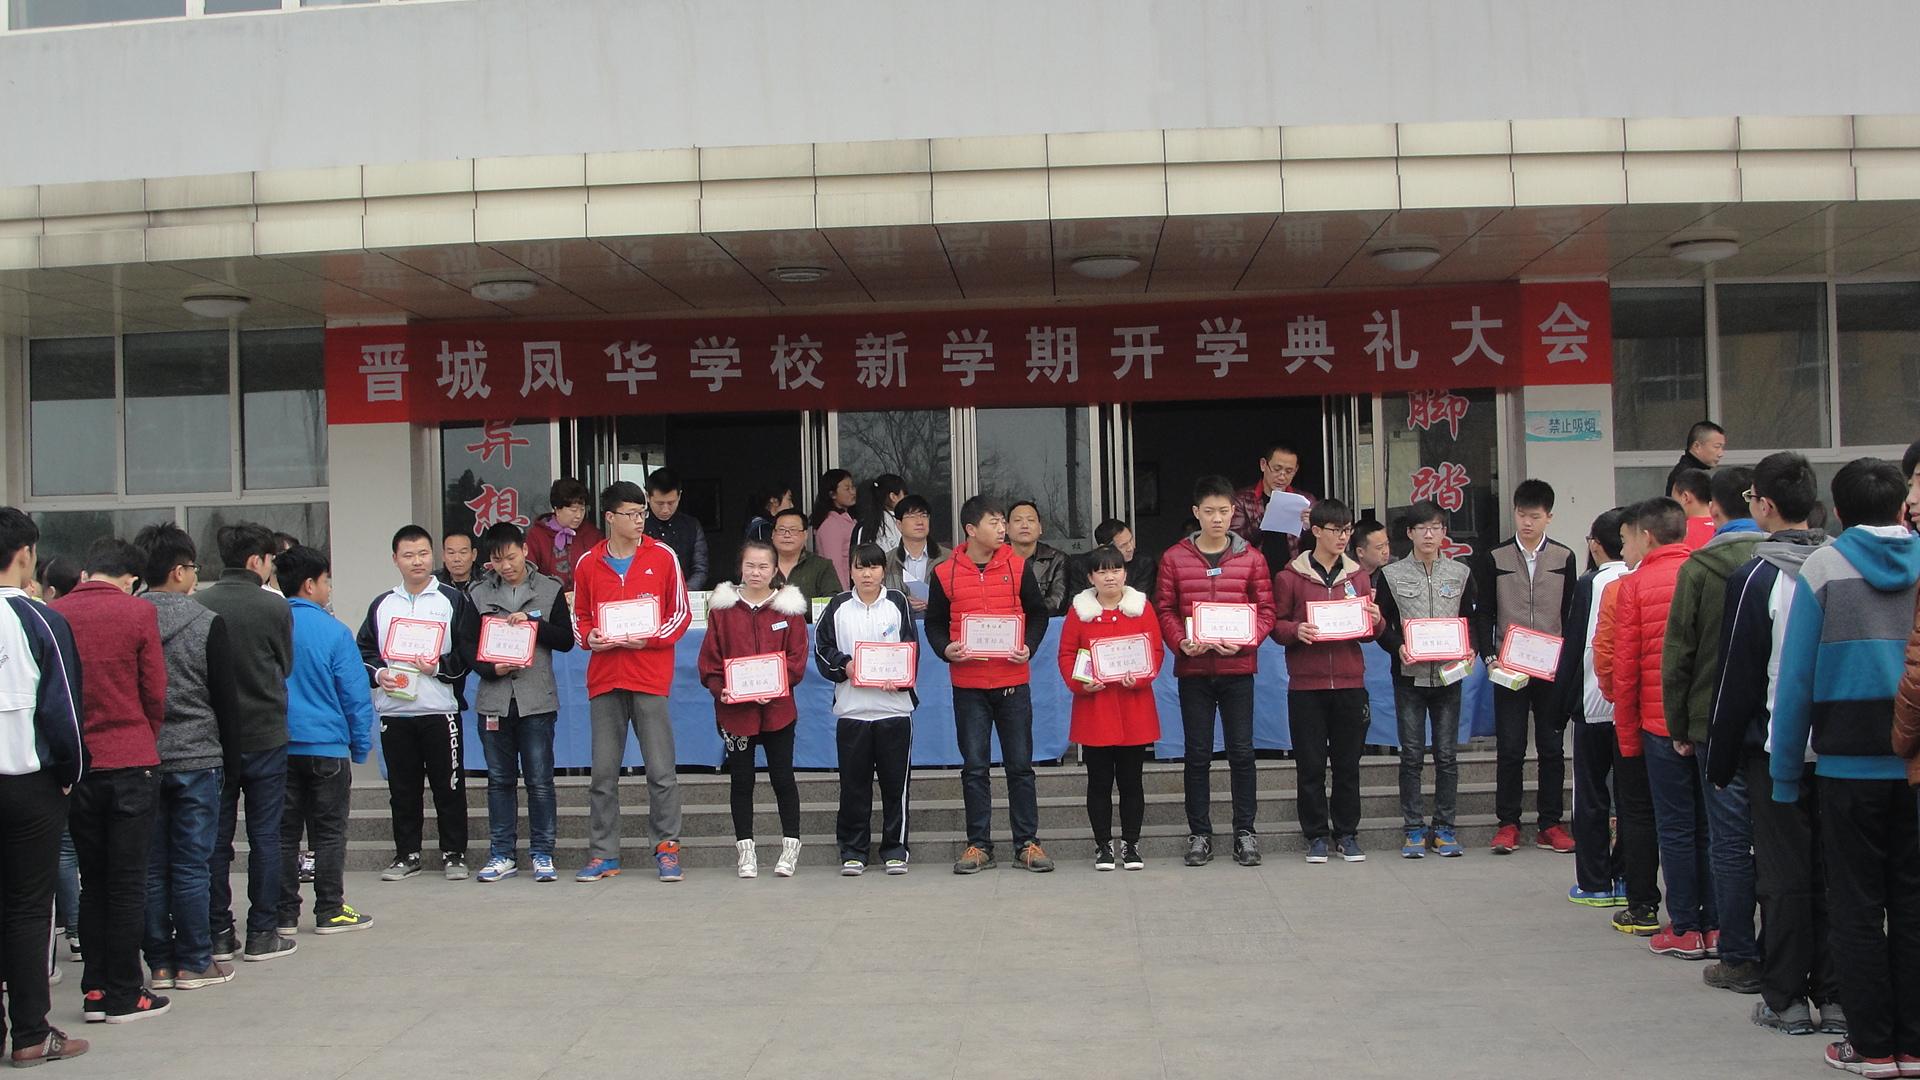 我校举行2015年chunji开学典礼暨颁jiang大会